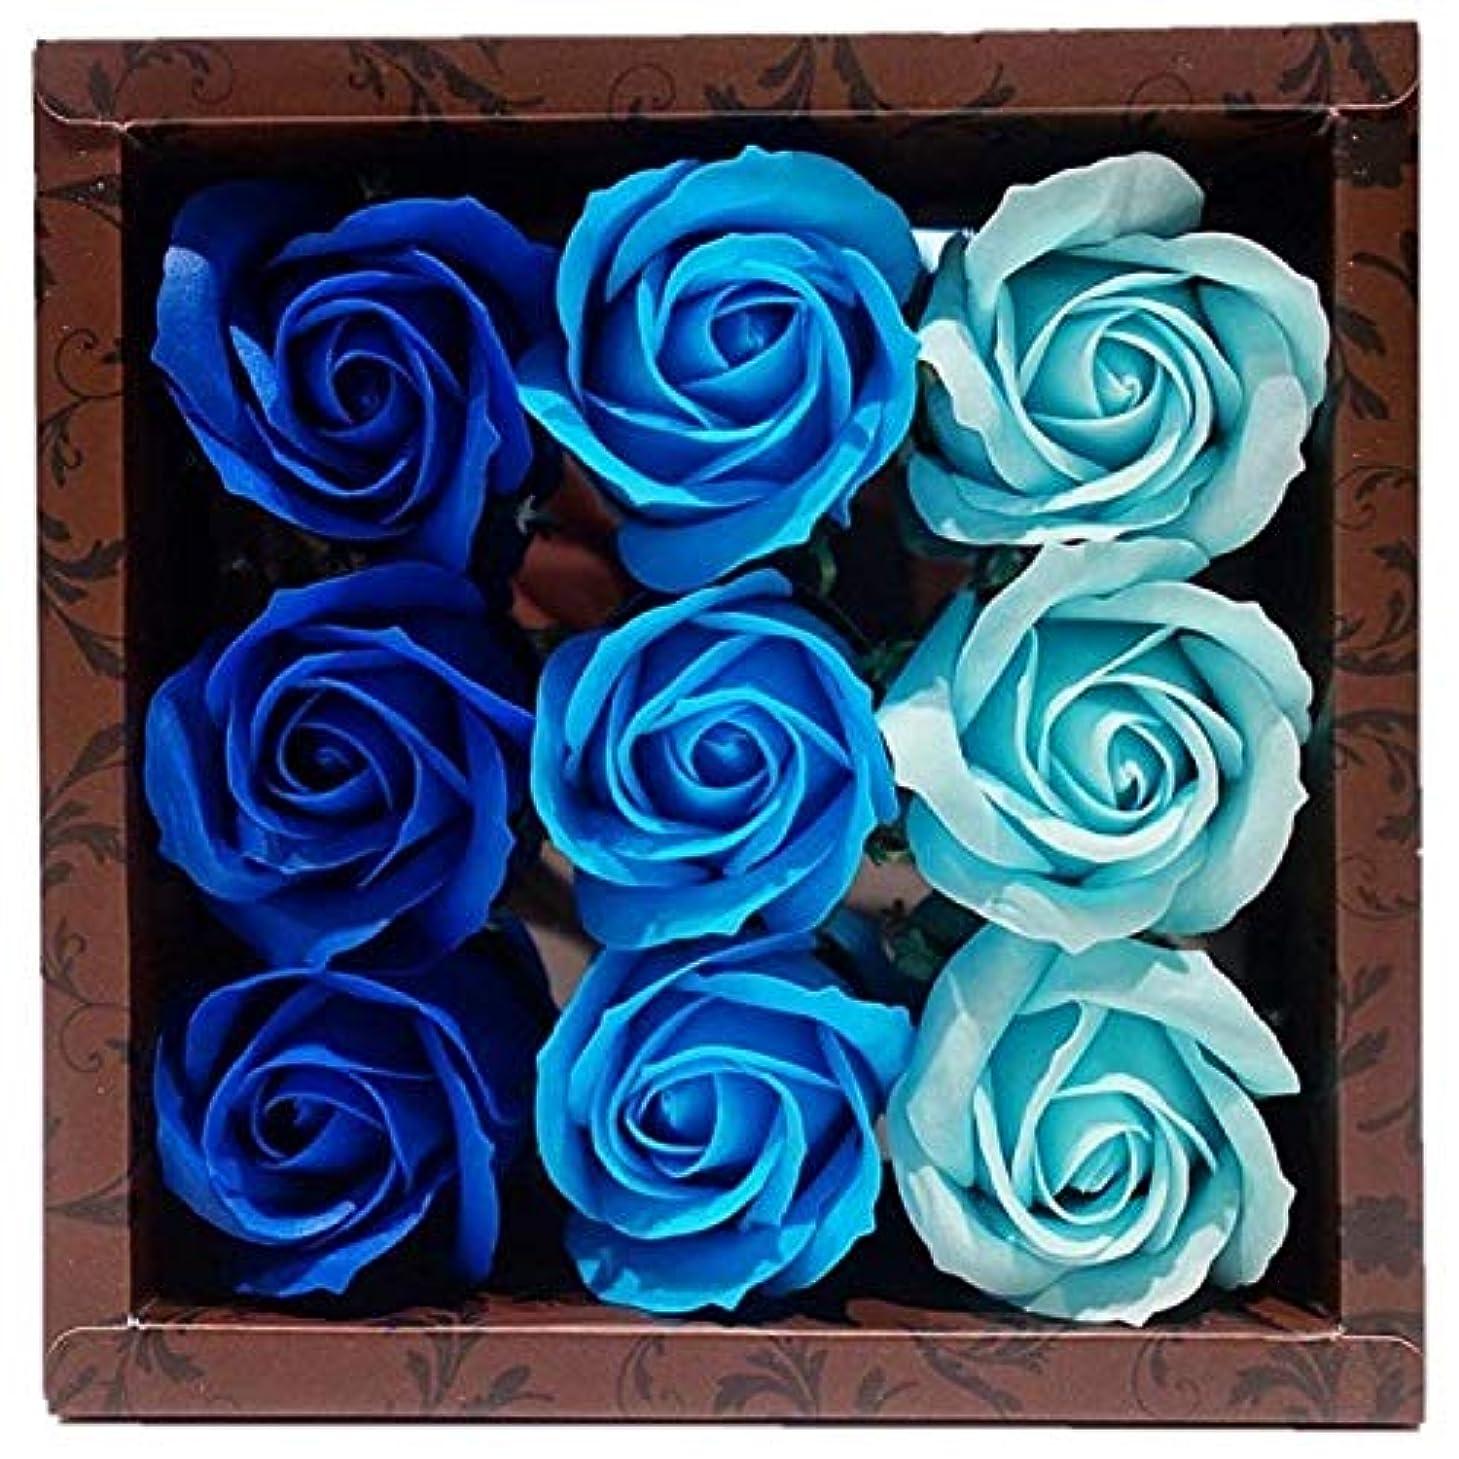 エレメンタル裁判所大陸バスフレグランス バスフラワー ローズフレグランス ブルーカラー ギフト お花の形の入浴剤 ばら